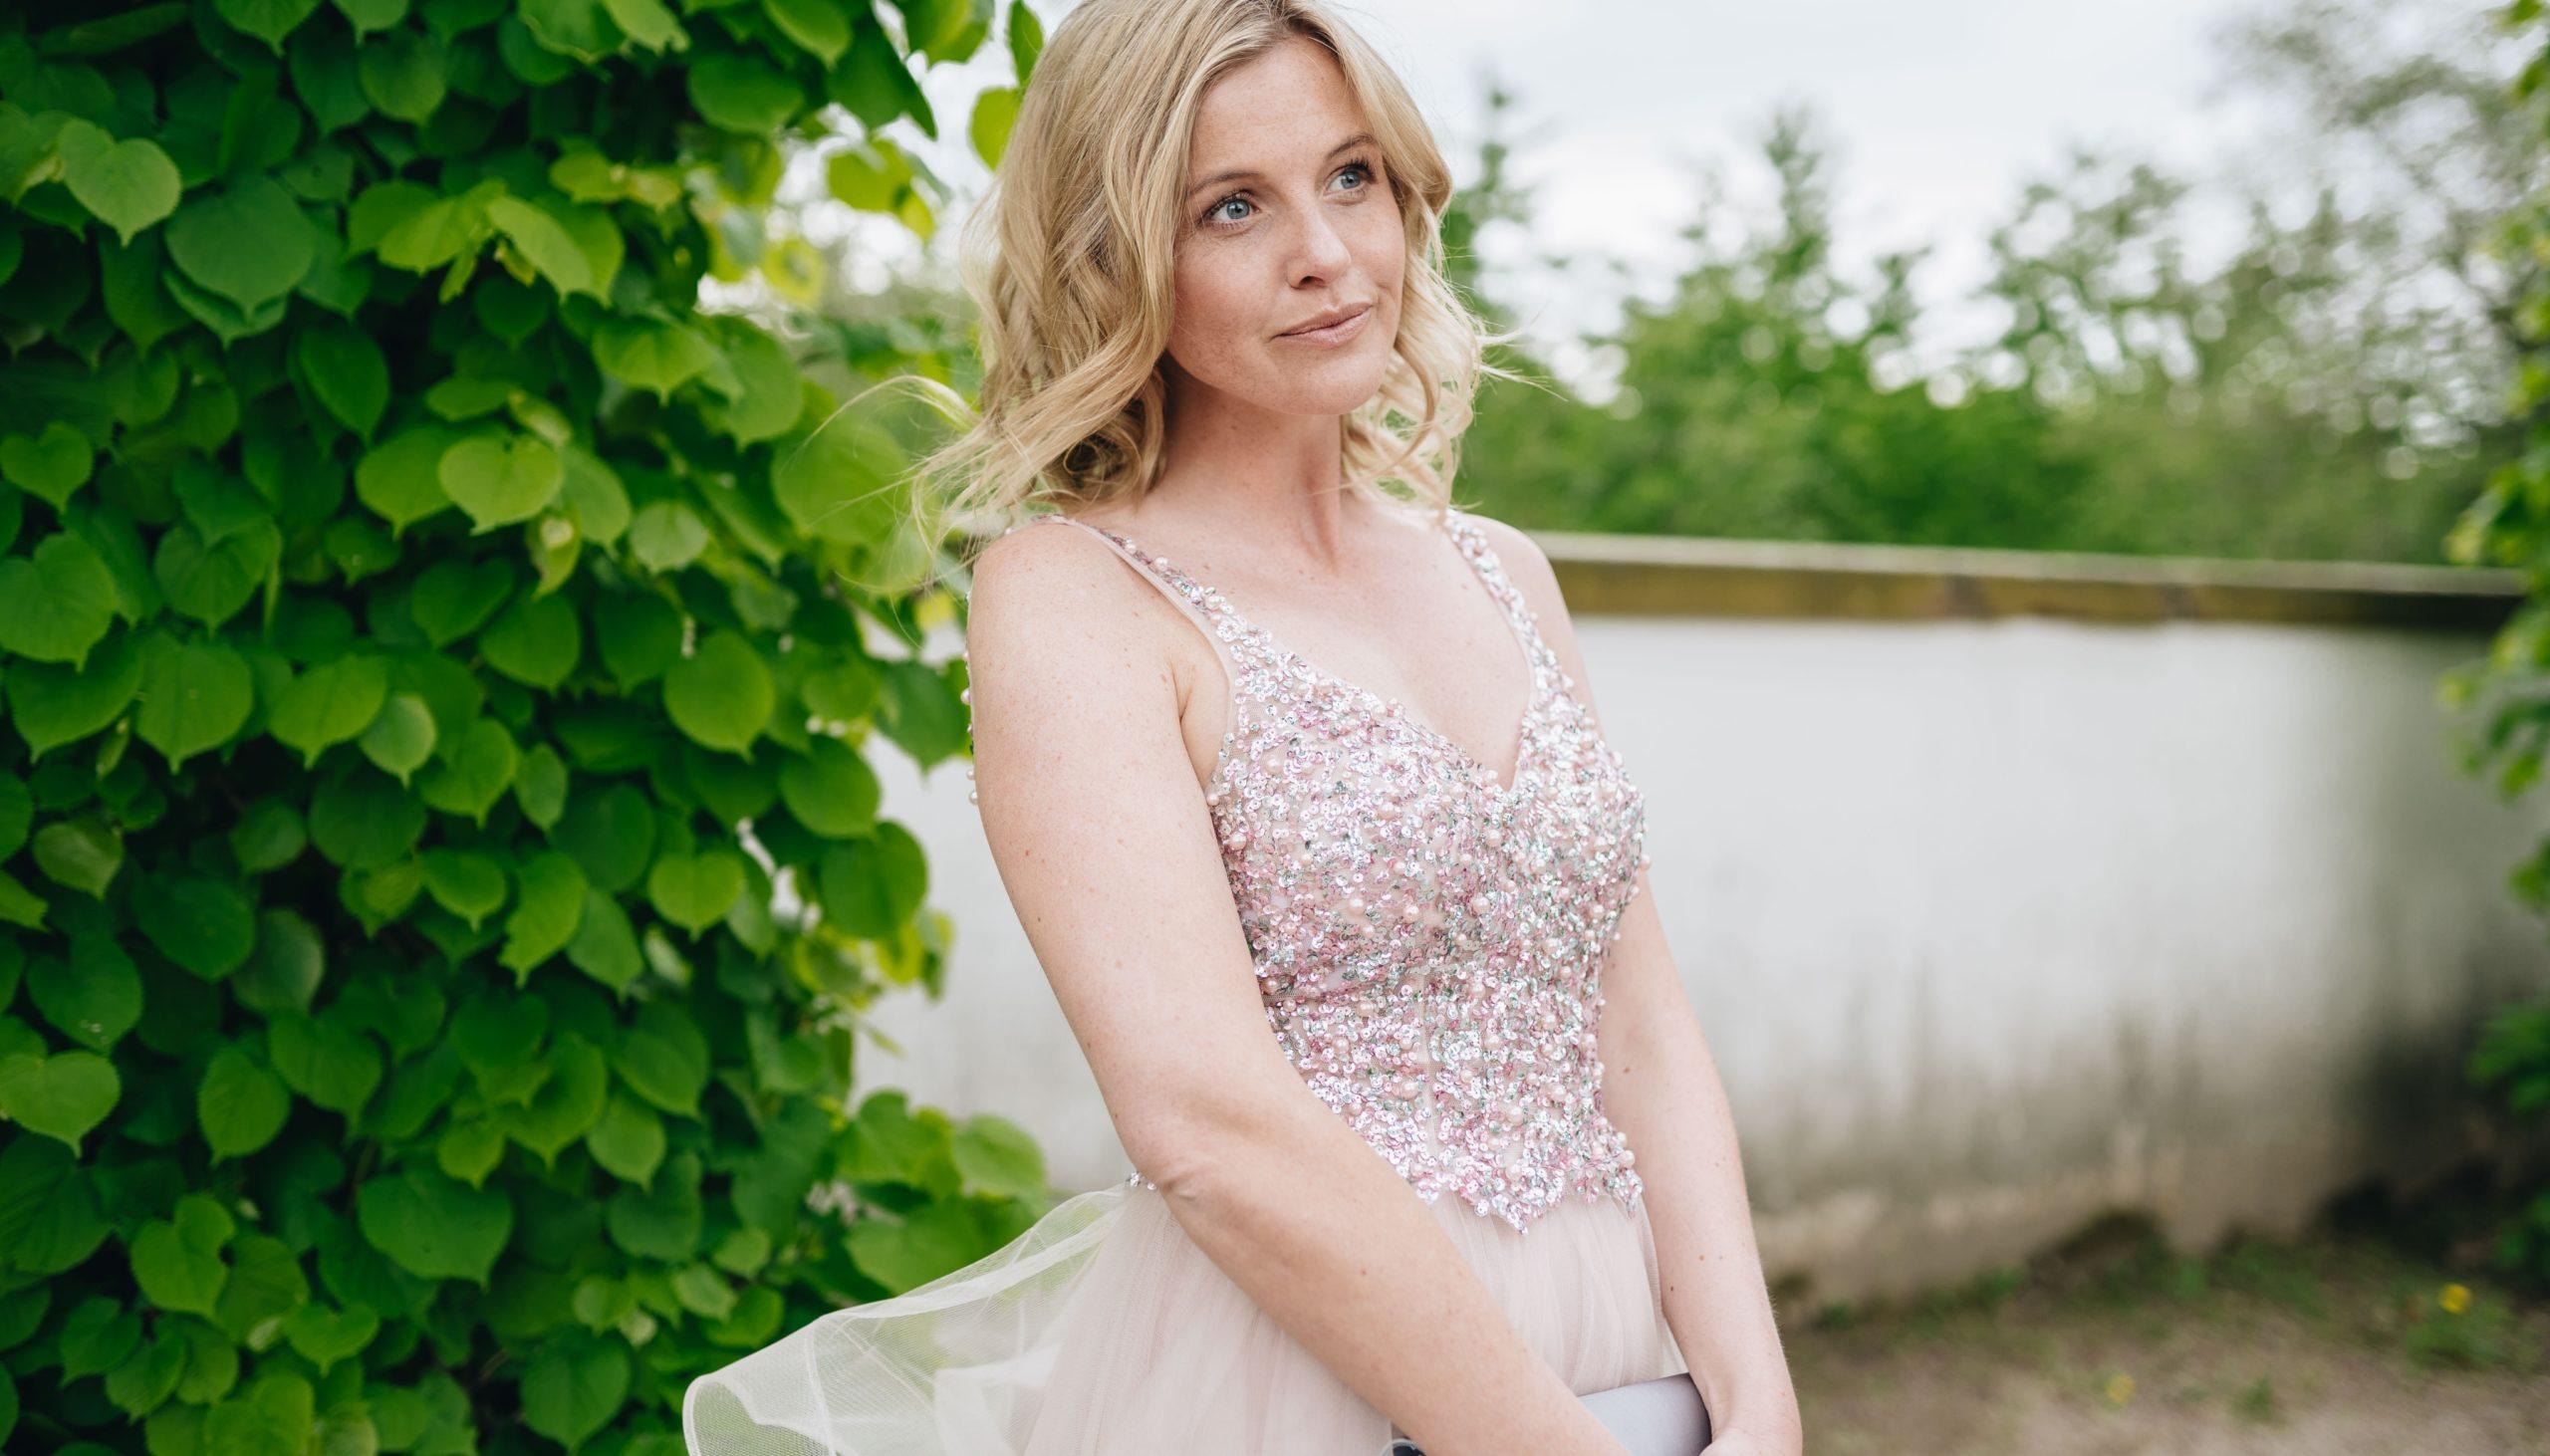 Hochzeits-Gastauftritt: Elegante Outfits für jede Figur!